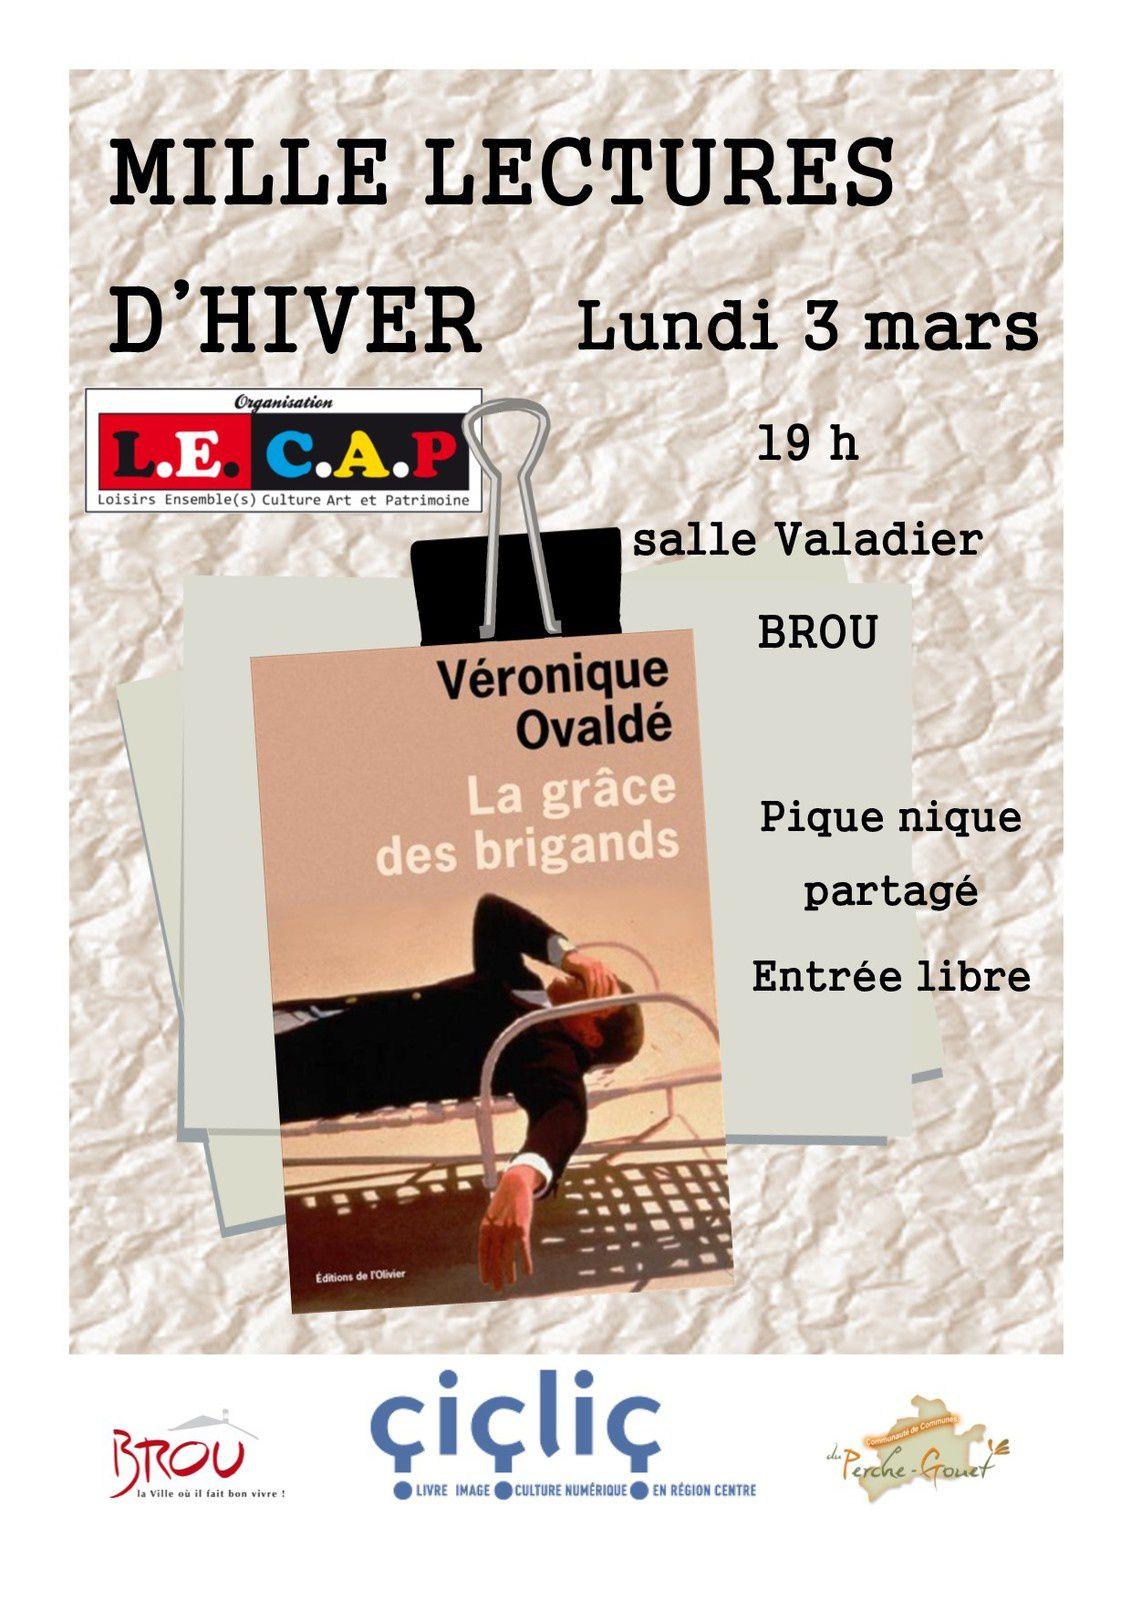 1 000 lectures d'hiver, 3 mars à Brou